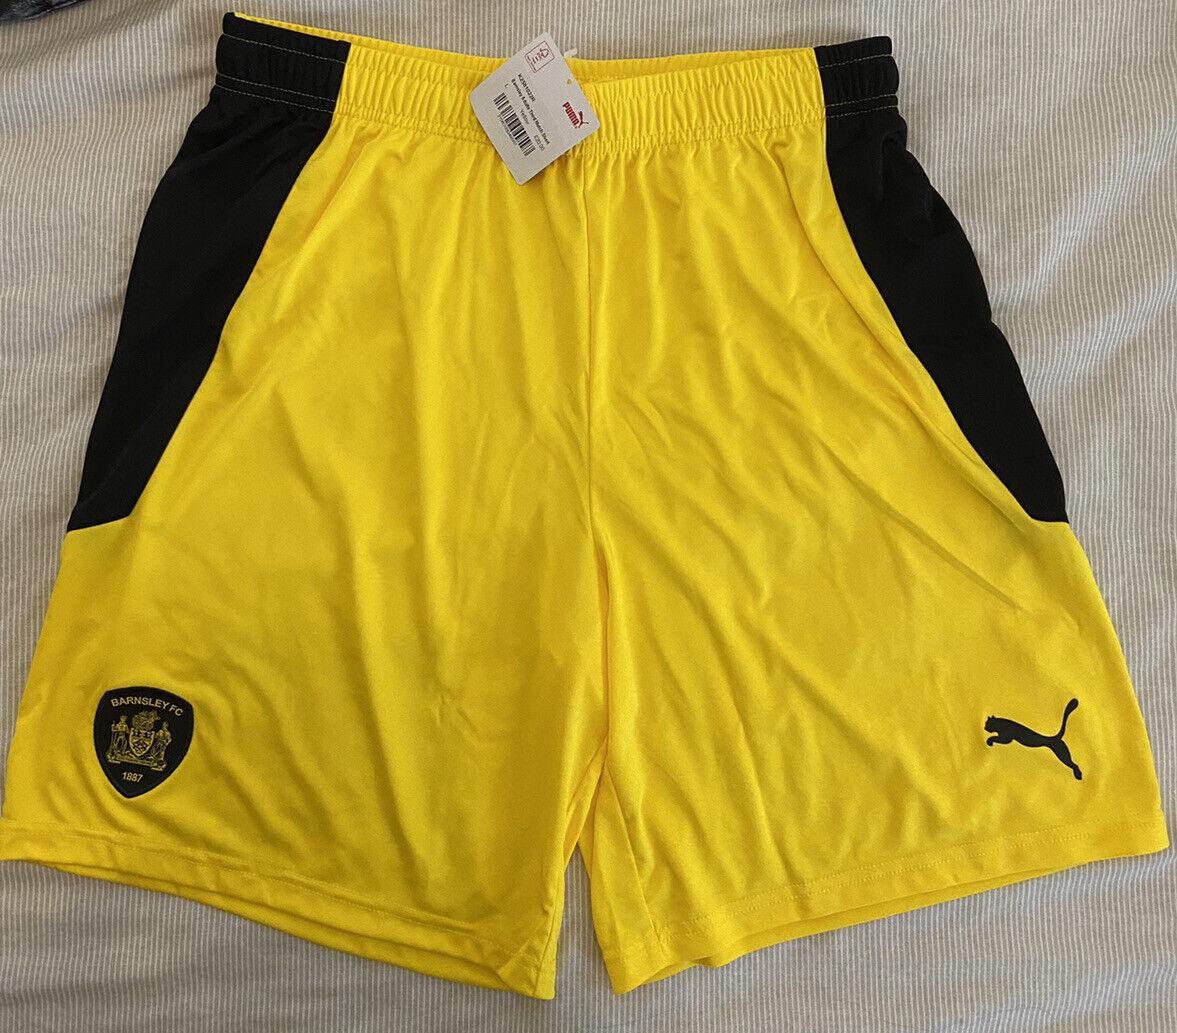 Barnsley FC Puma Adultos tercera coincide con pantalones cortos Grande Nuevo Con Etiquetas